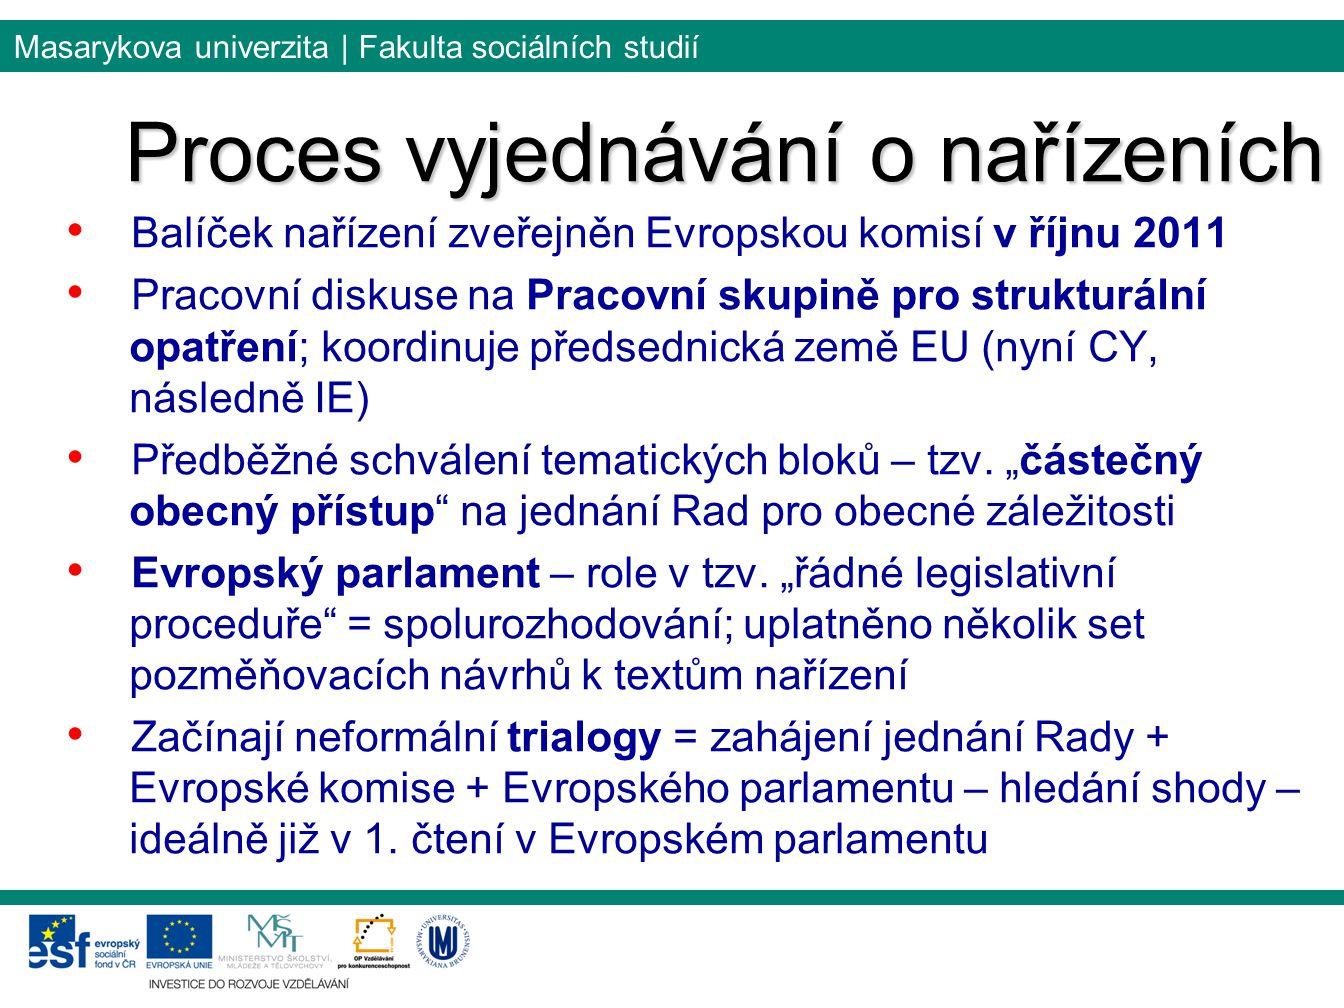 Masarykova univerzita | Fakulta sociálních studií Balíček nařízení zveřejněn Evropskou komisí v říjnu 2011 Pracovní diskuse na Pracovní skupině pro st